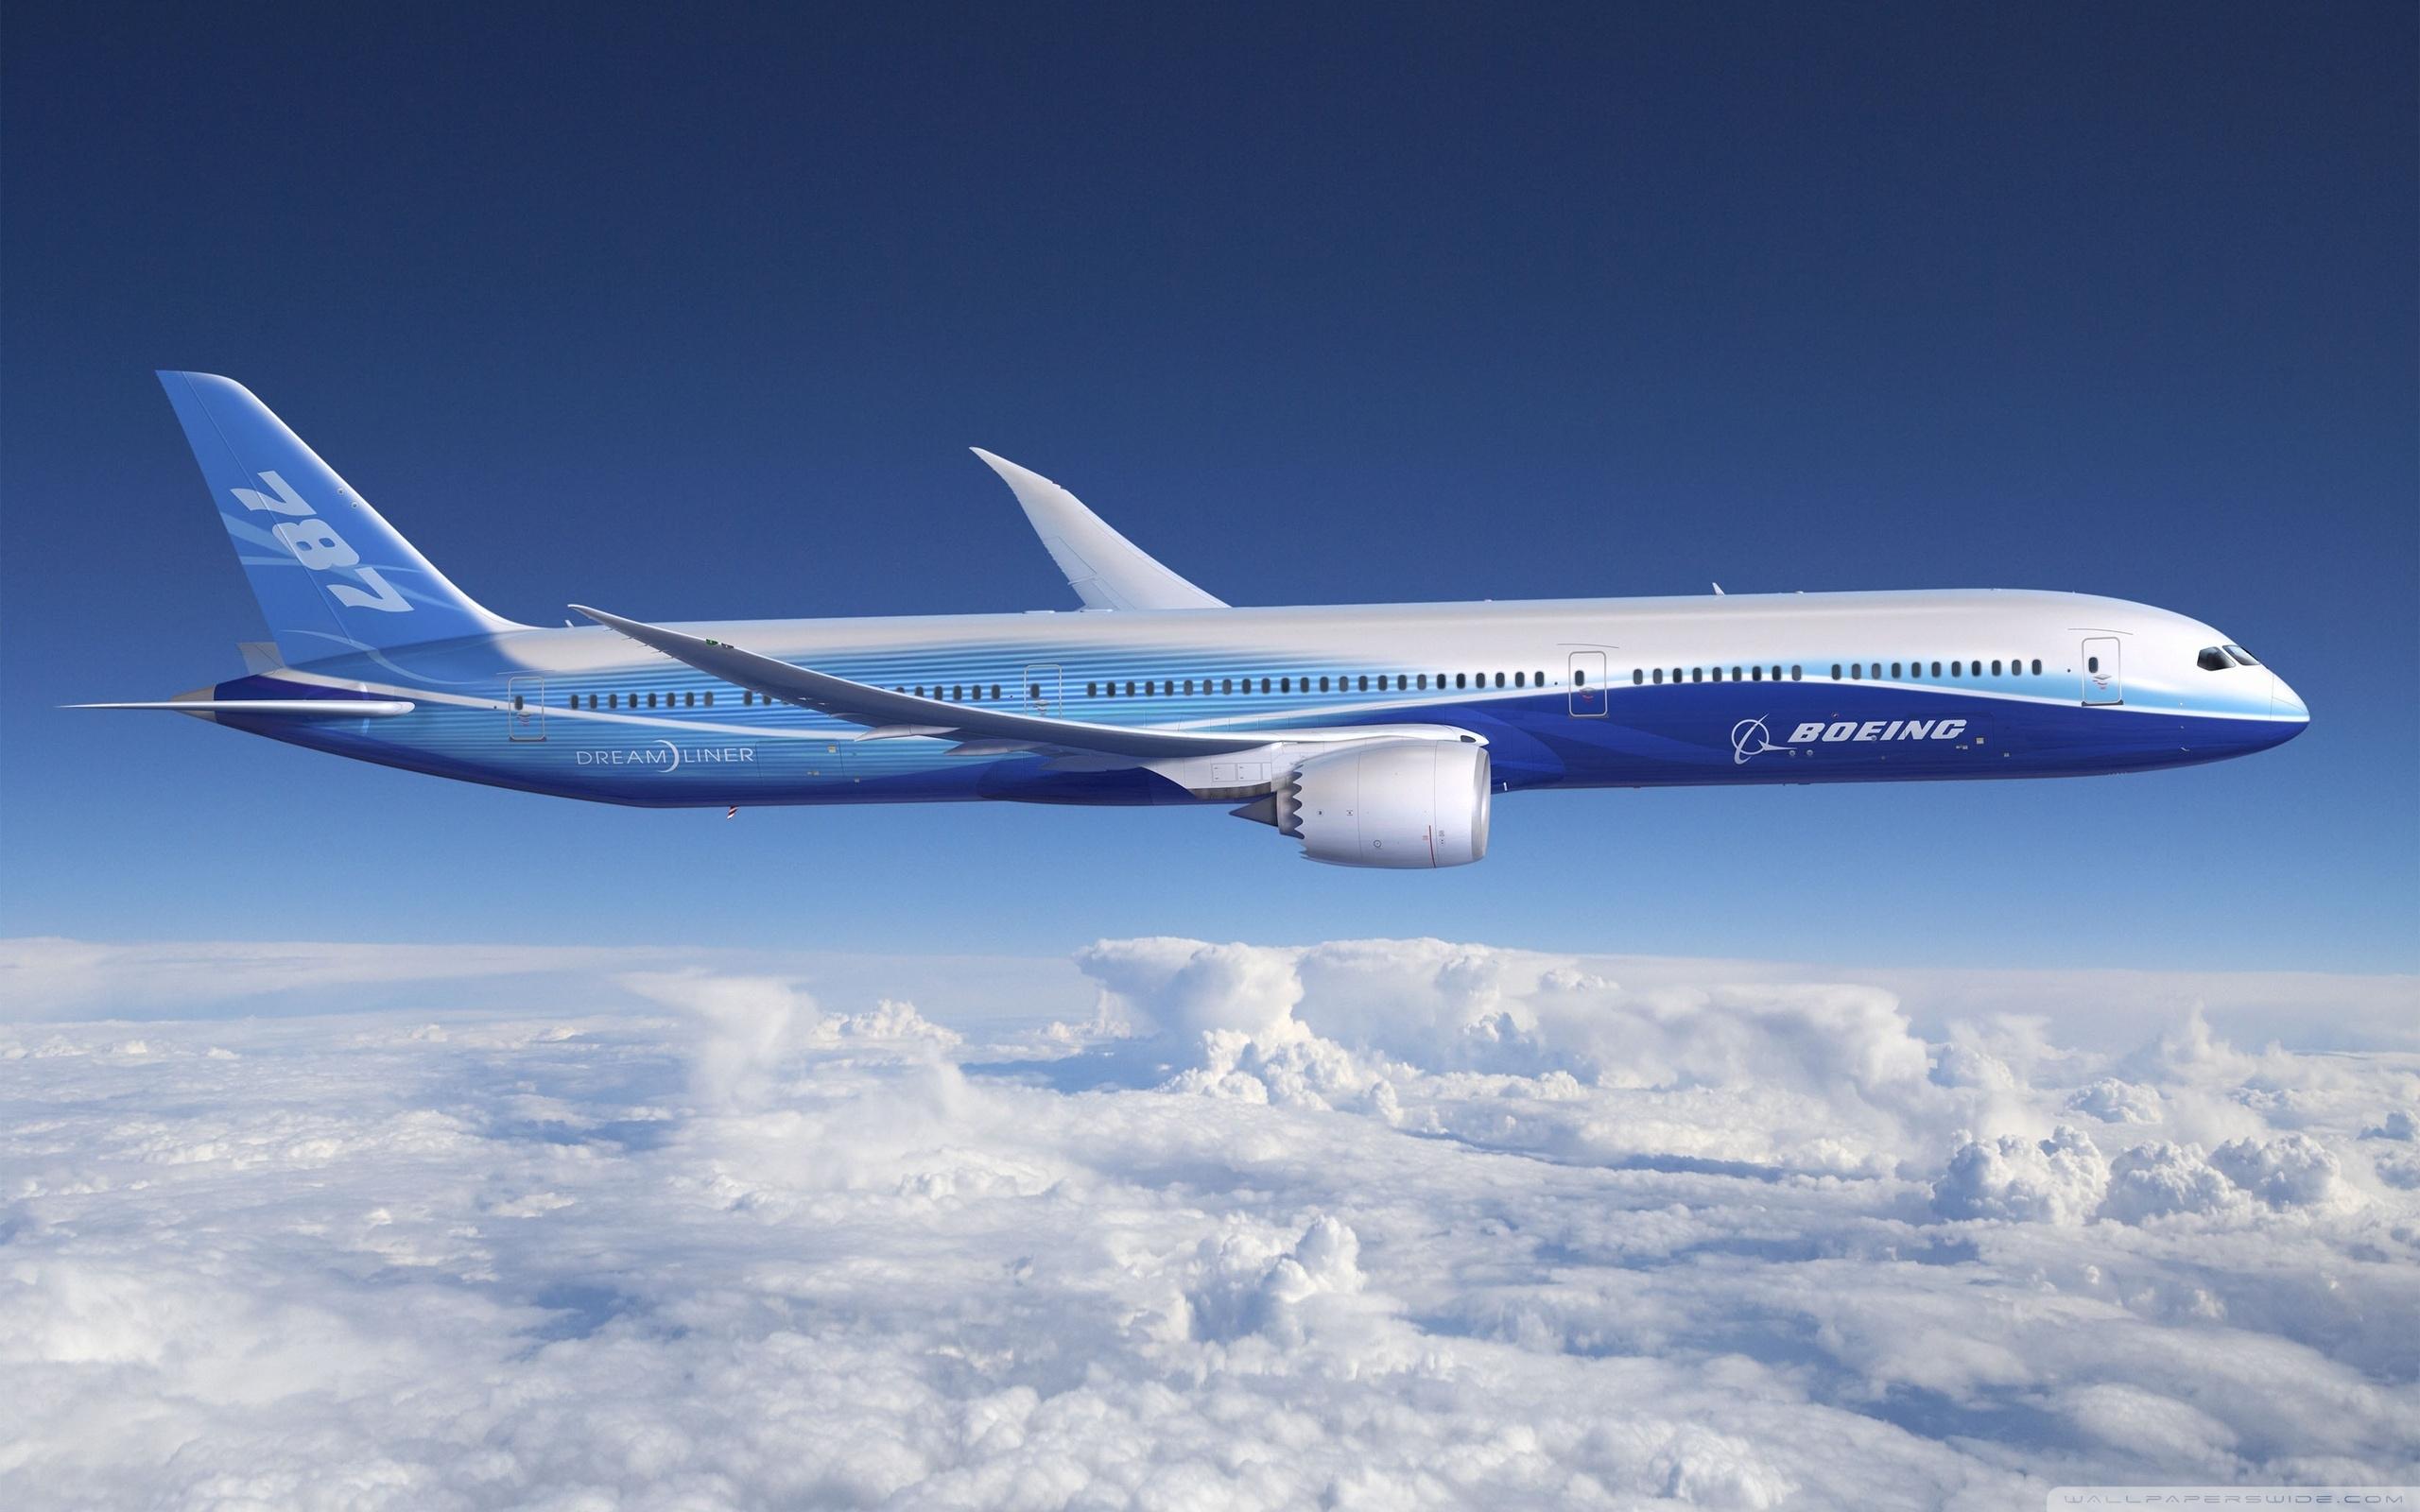 boeing 787 dreamliner ❤ 4k hd desktop wallpaper for 4k ultra hd